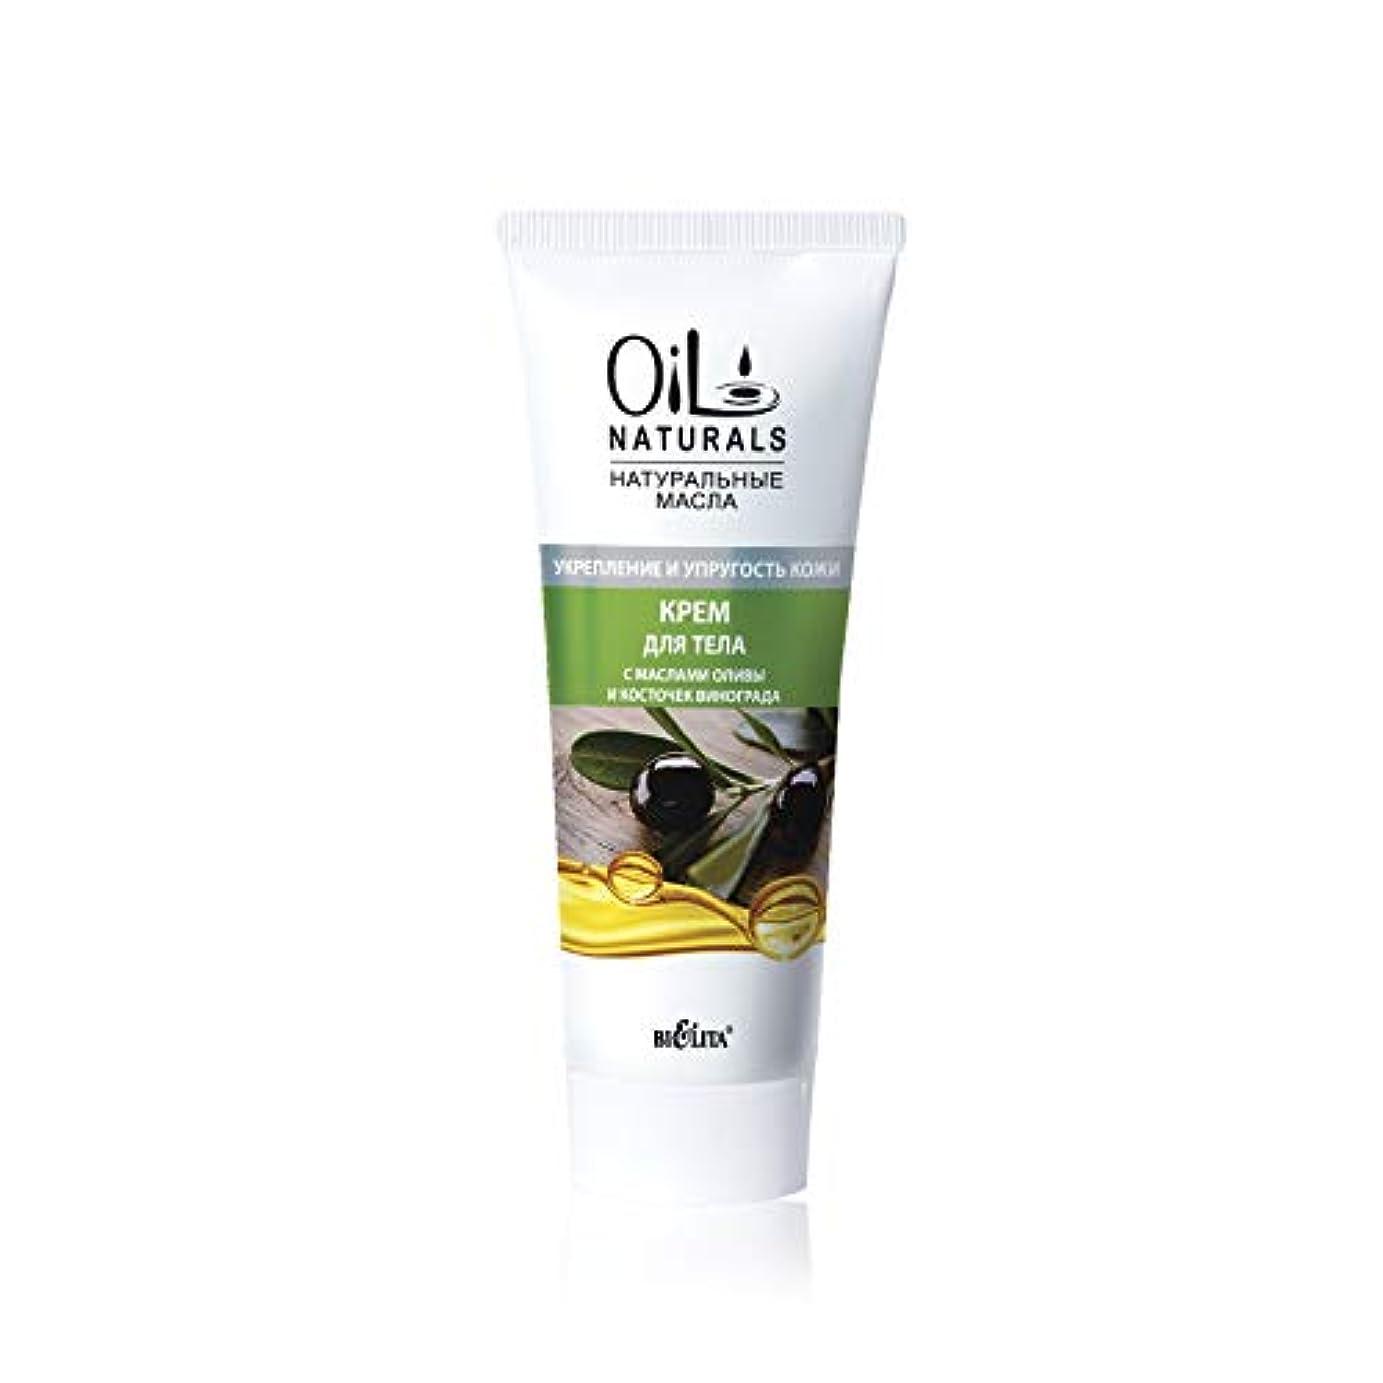 関係するビスケット休眠Bielita & Vitex | Oil Naturals Line | Skin Firming & Moisturizing Body Cream, 200 ml | Olive Oil, Silk Proteins...